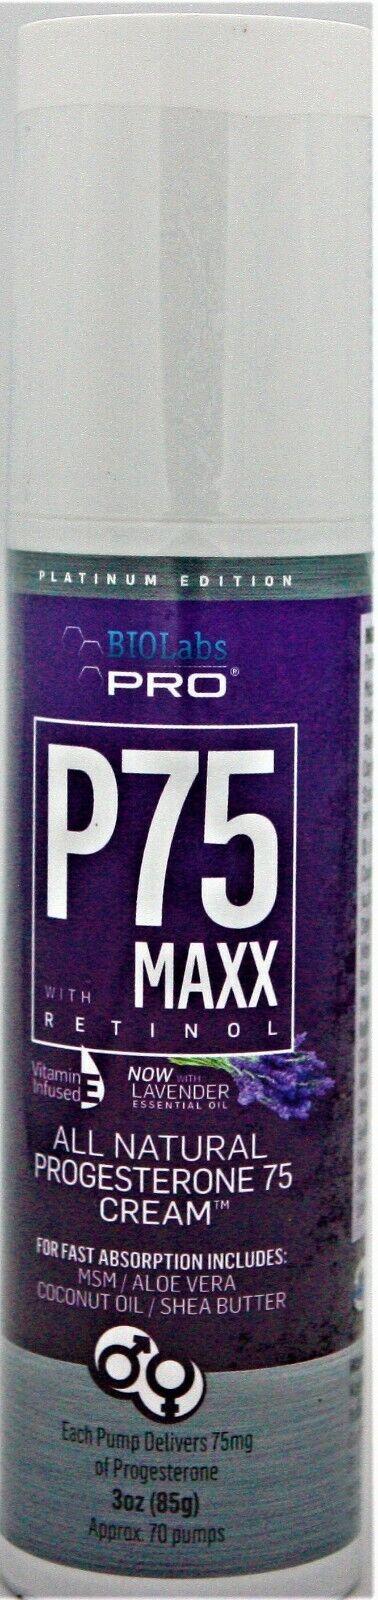 w retinol all natural progesterone 75 cream